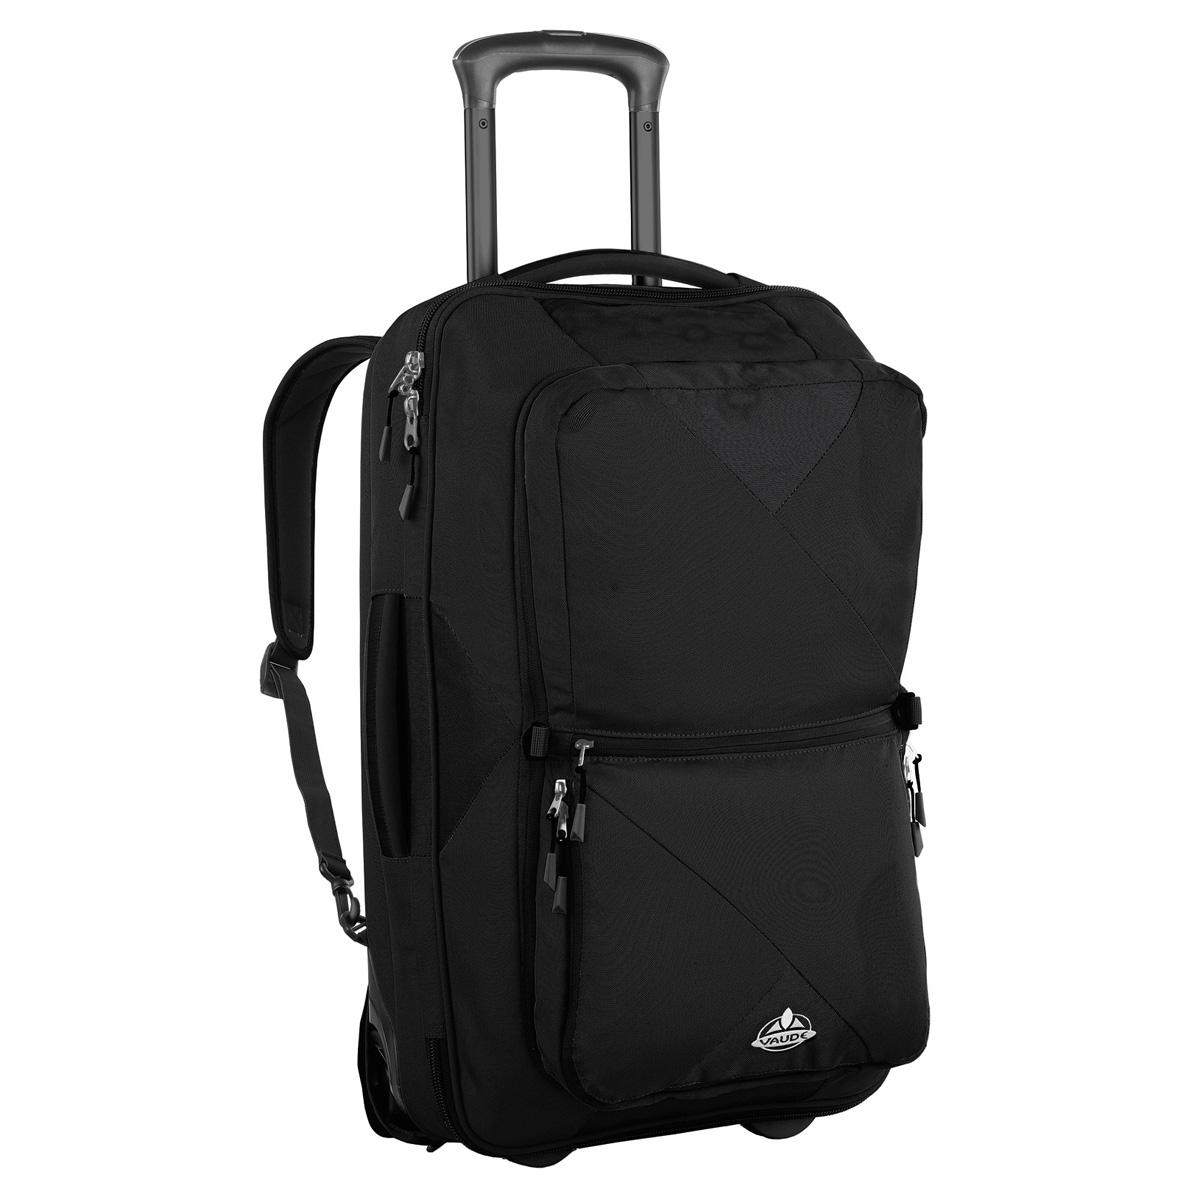 vaude rails 80 liter koffer rucksack mit rollen schwarz ebay. Black Bedroom Furniture Sets. Home Design Ideas